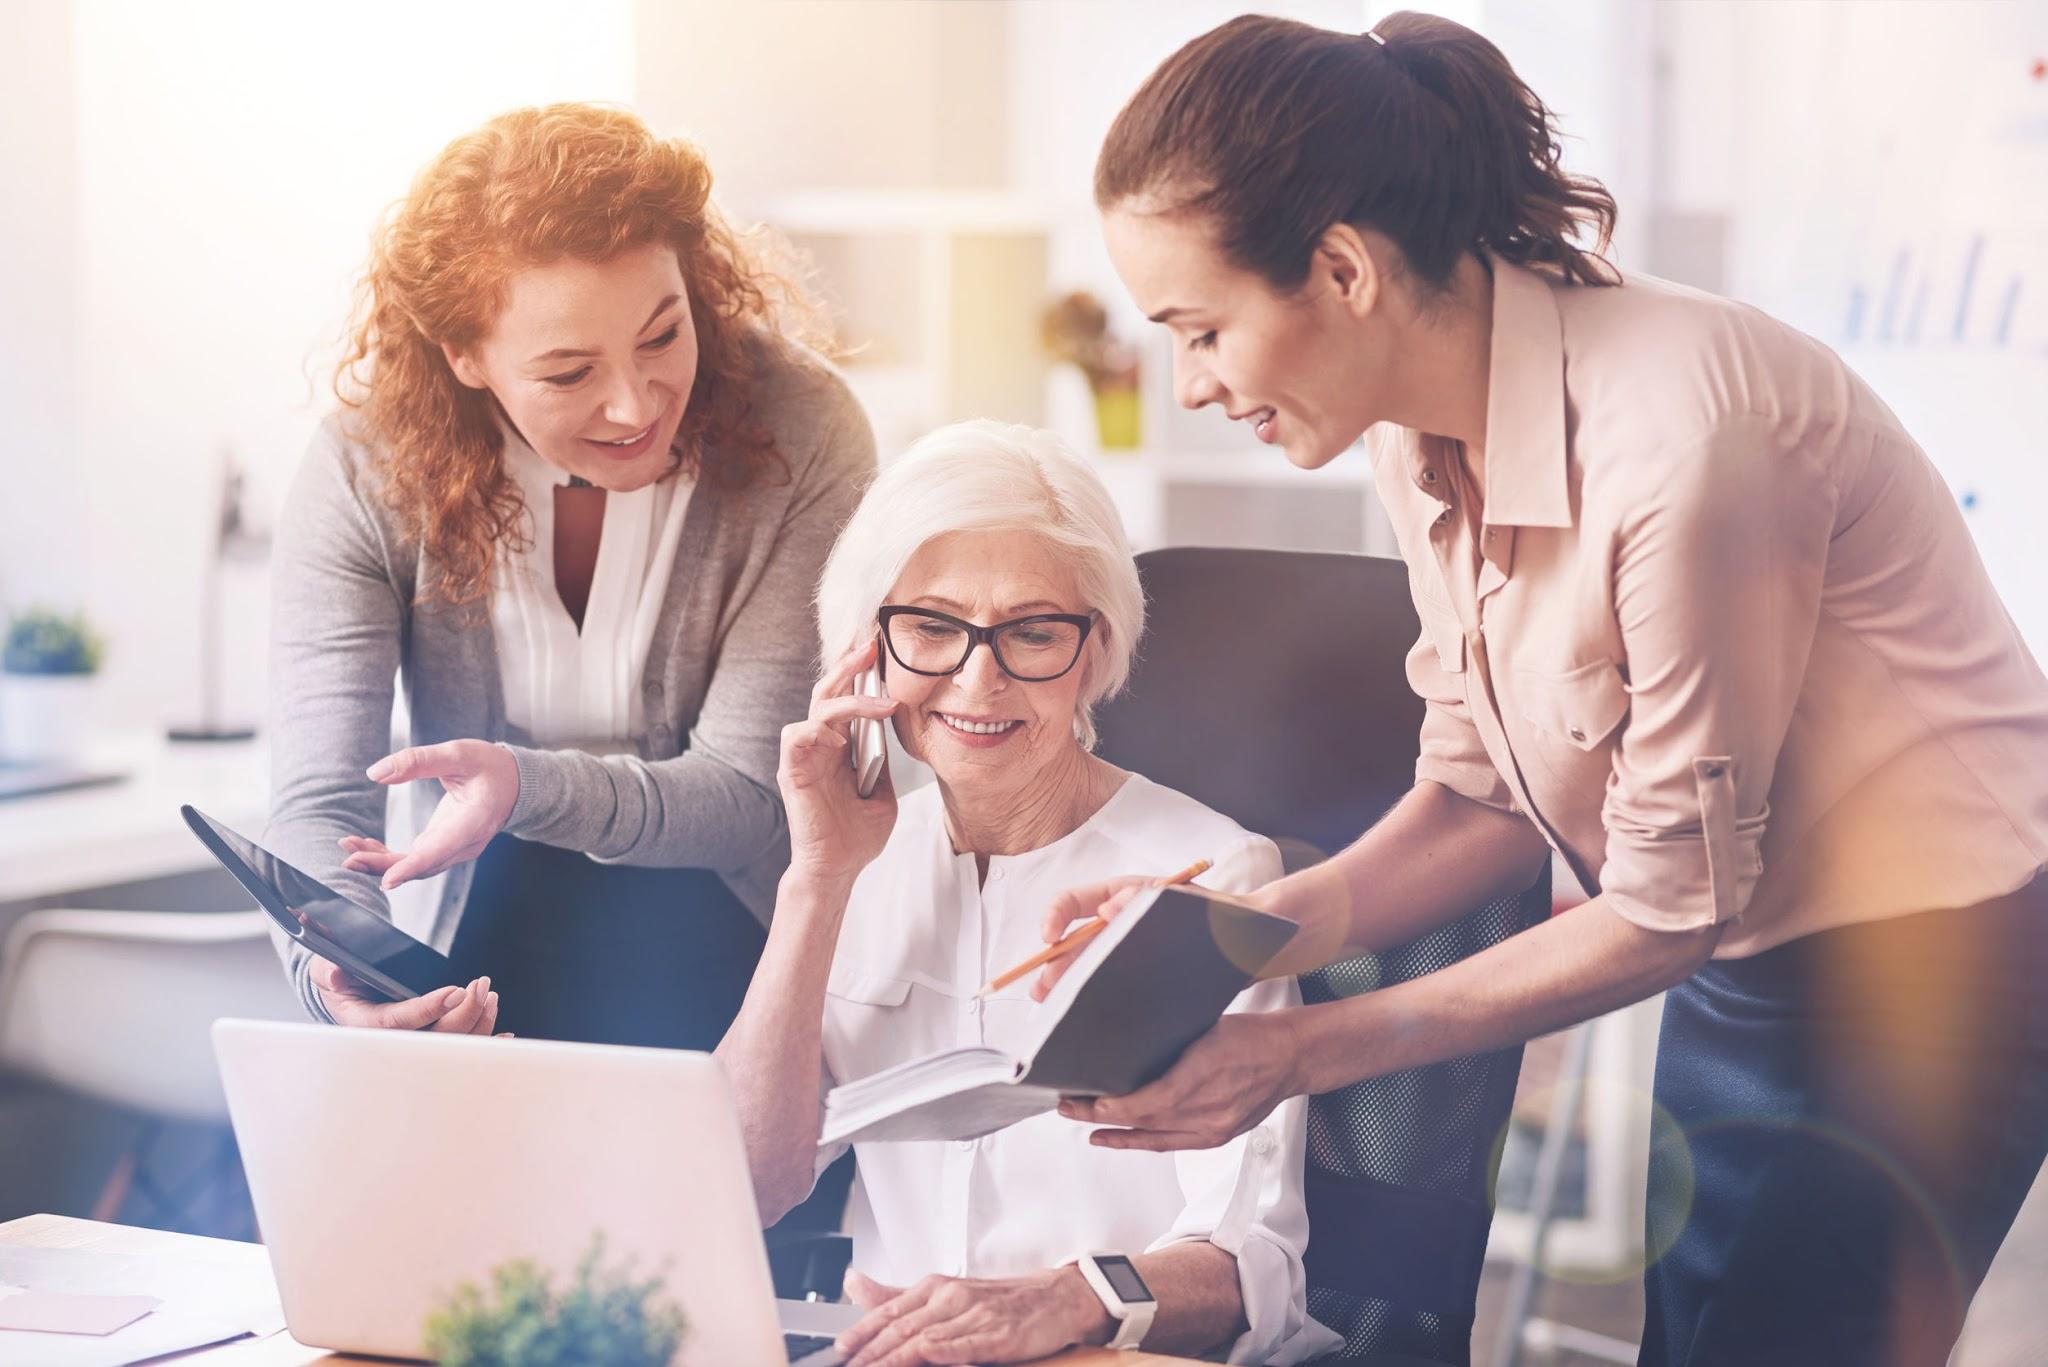 Cómo motivar a los empleados de acuerdo con su generación